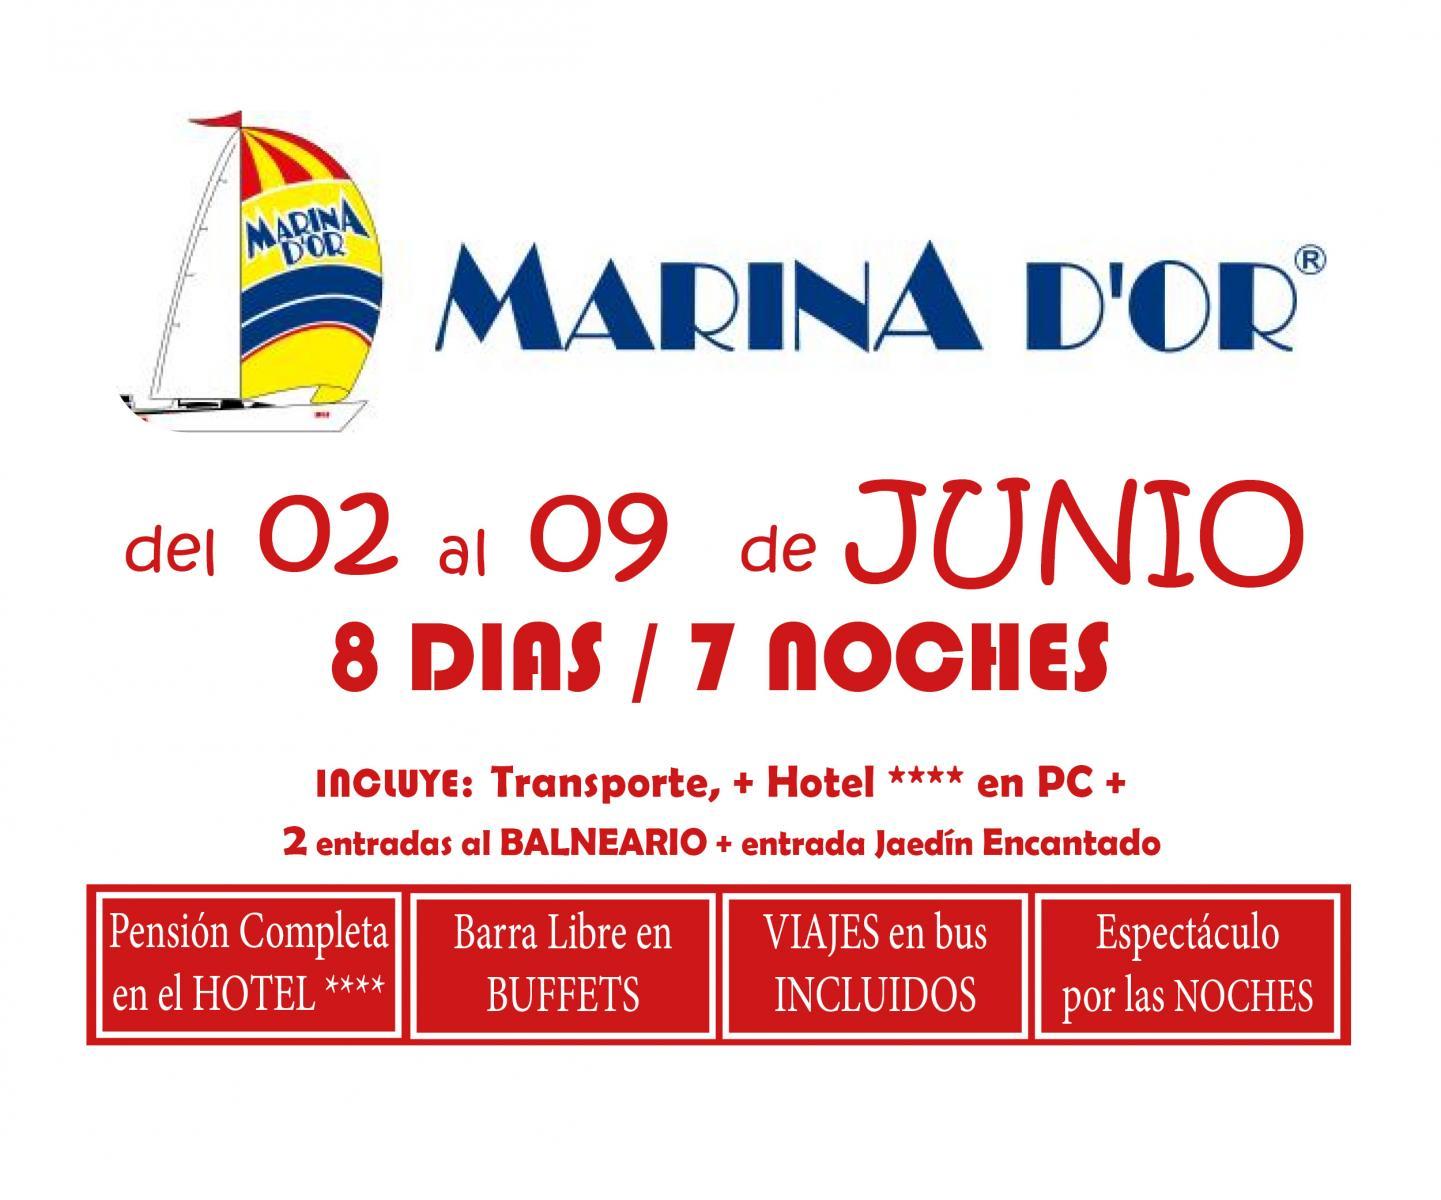 MARINA D`OR # HOTEL 4**** (del 02 al 09 de JUNIO ) # 8 días/7 noches en PC buffet+ bebida